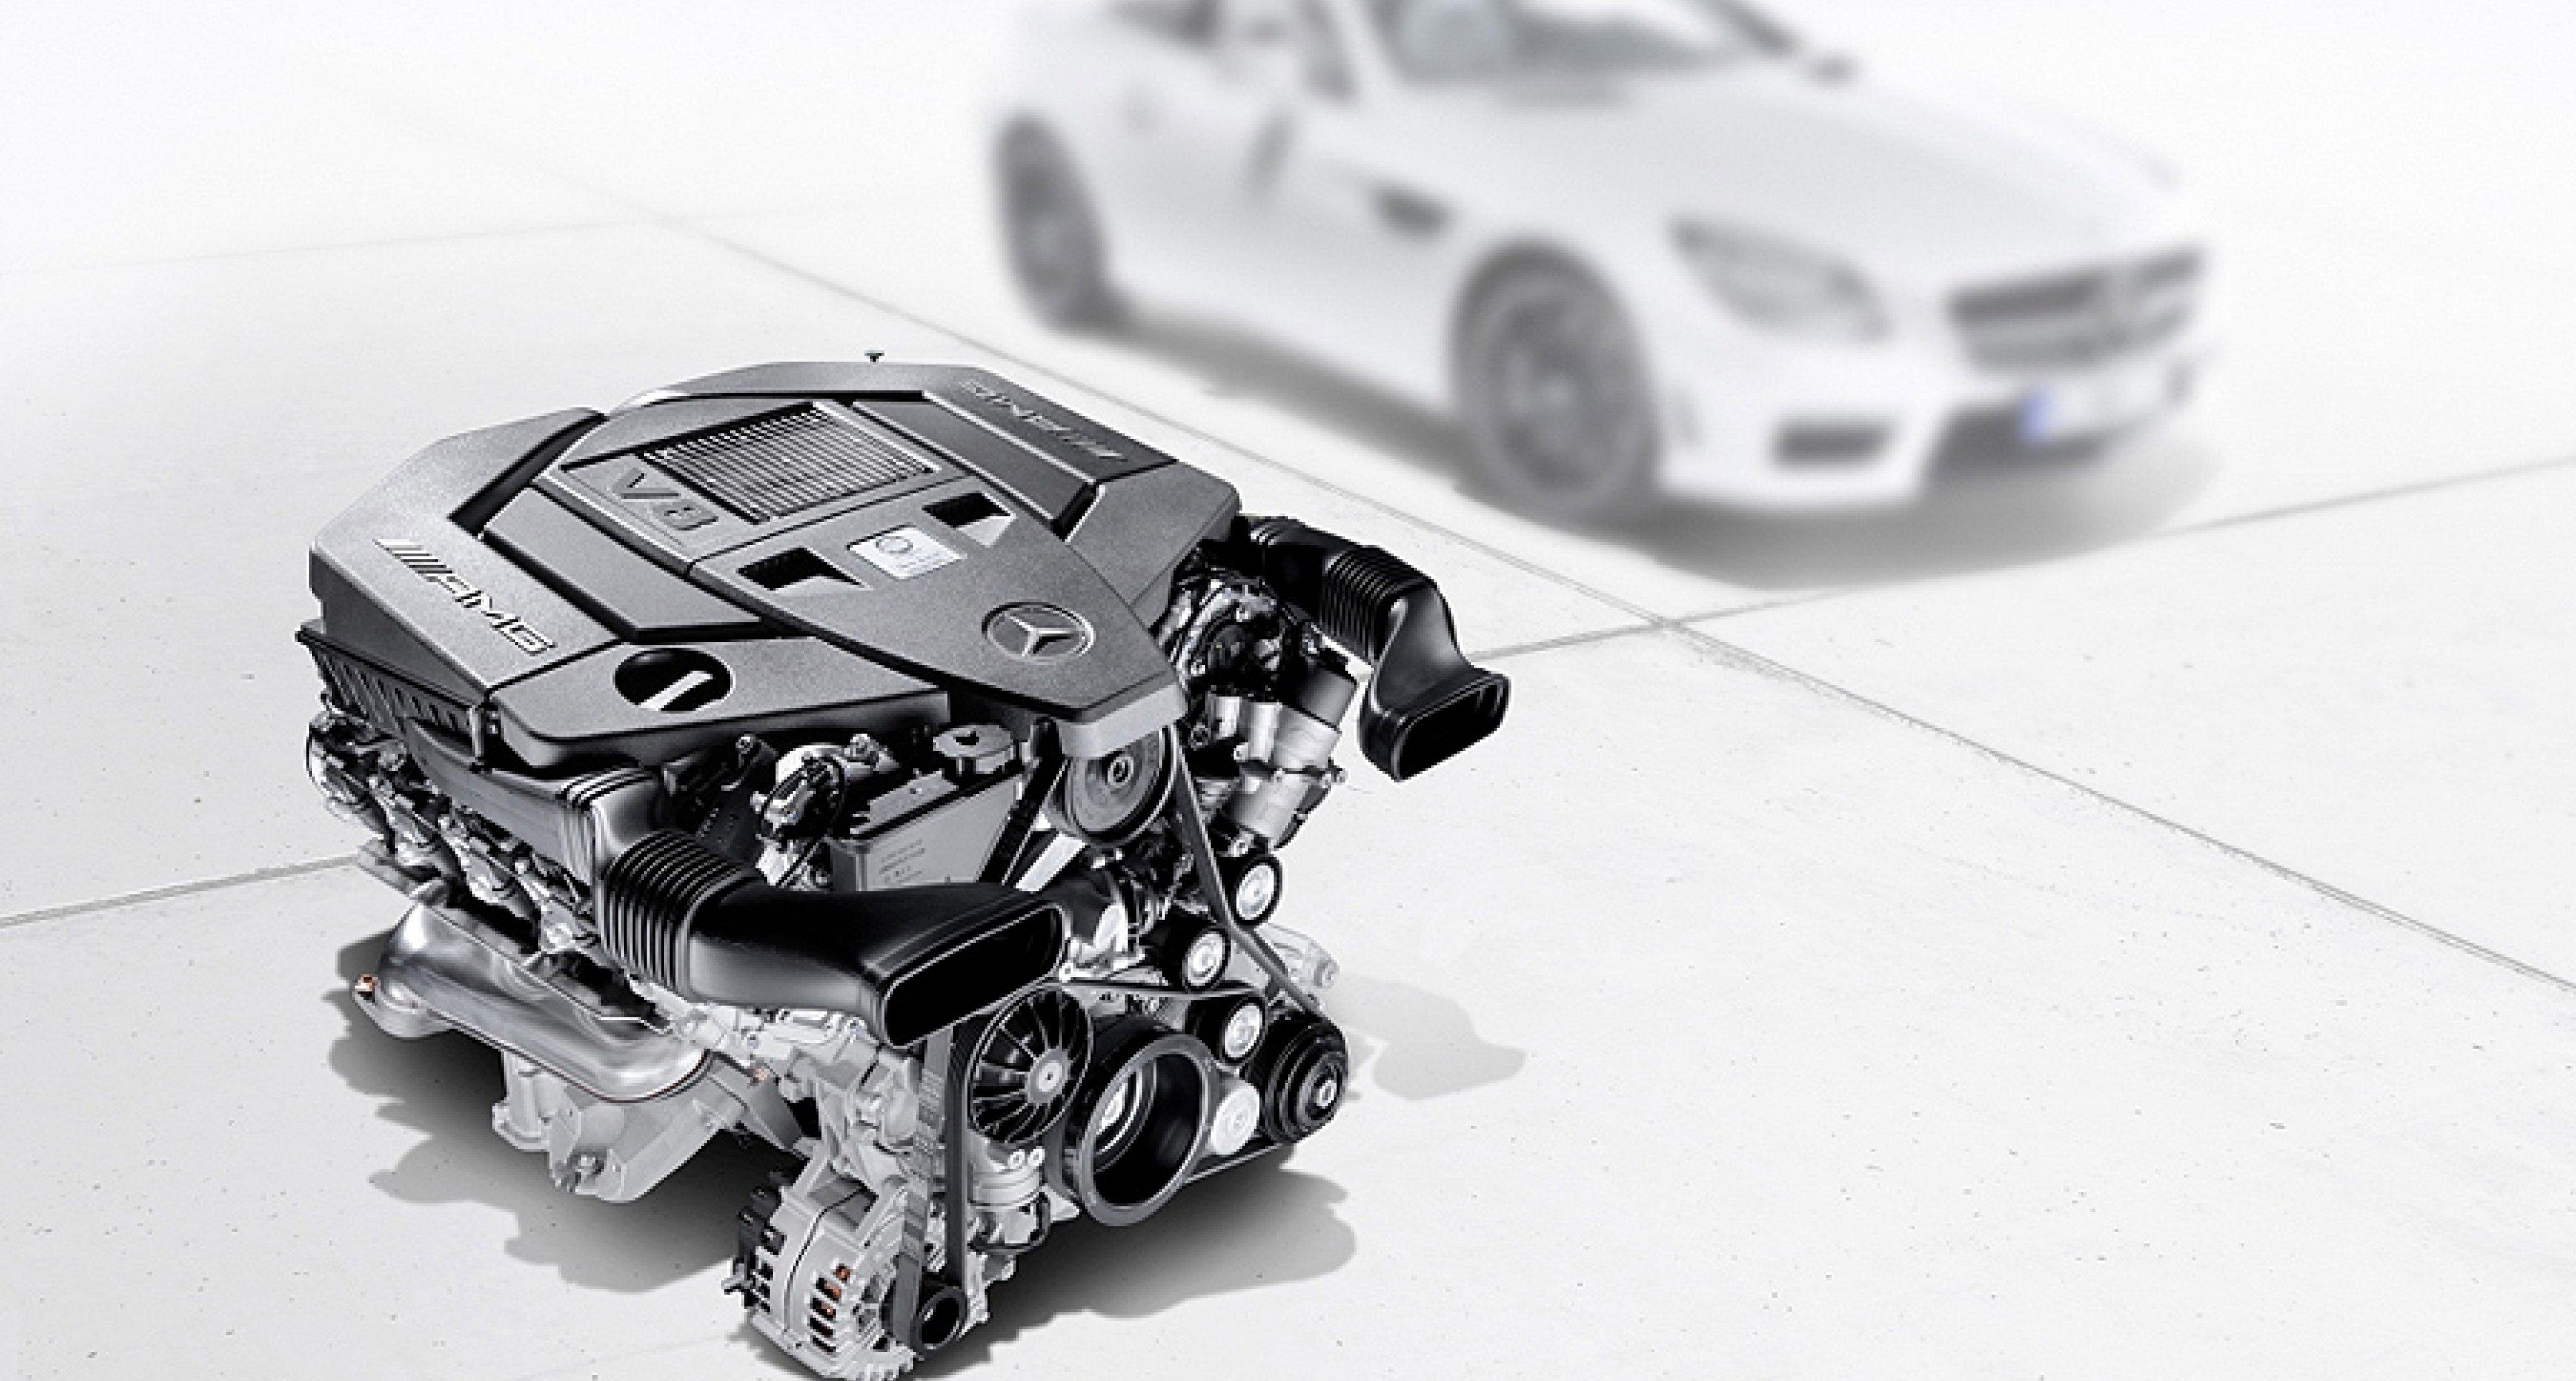 Neuer AMG-V8-Saugmotor: Sparsam dank Zylinderabschaltung